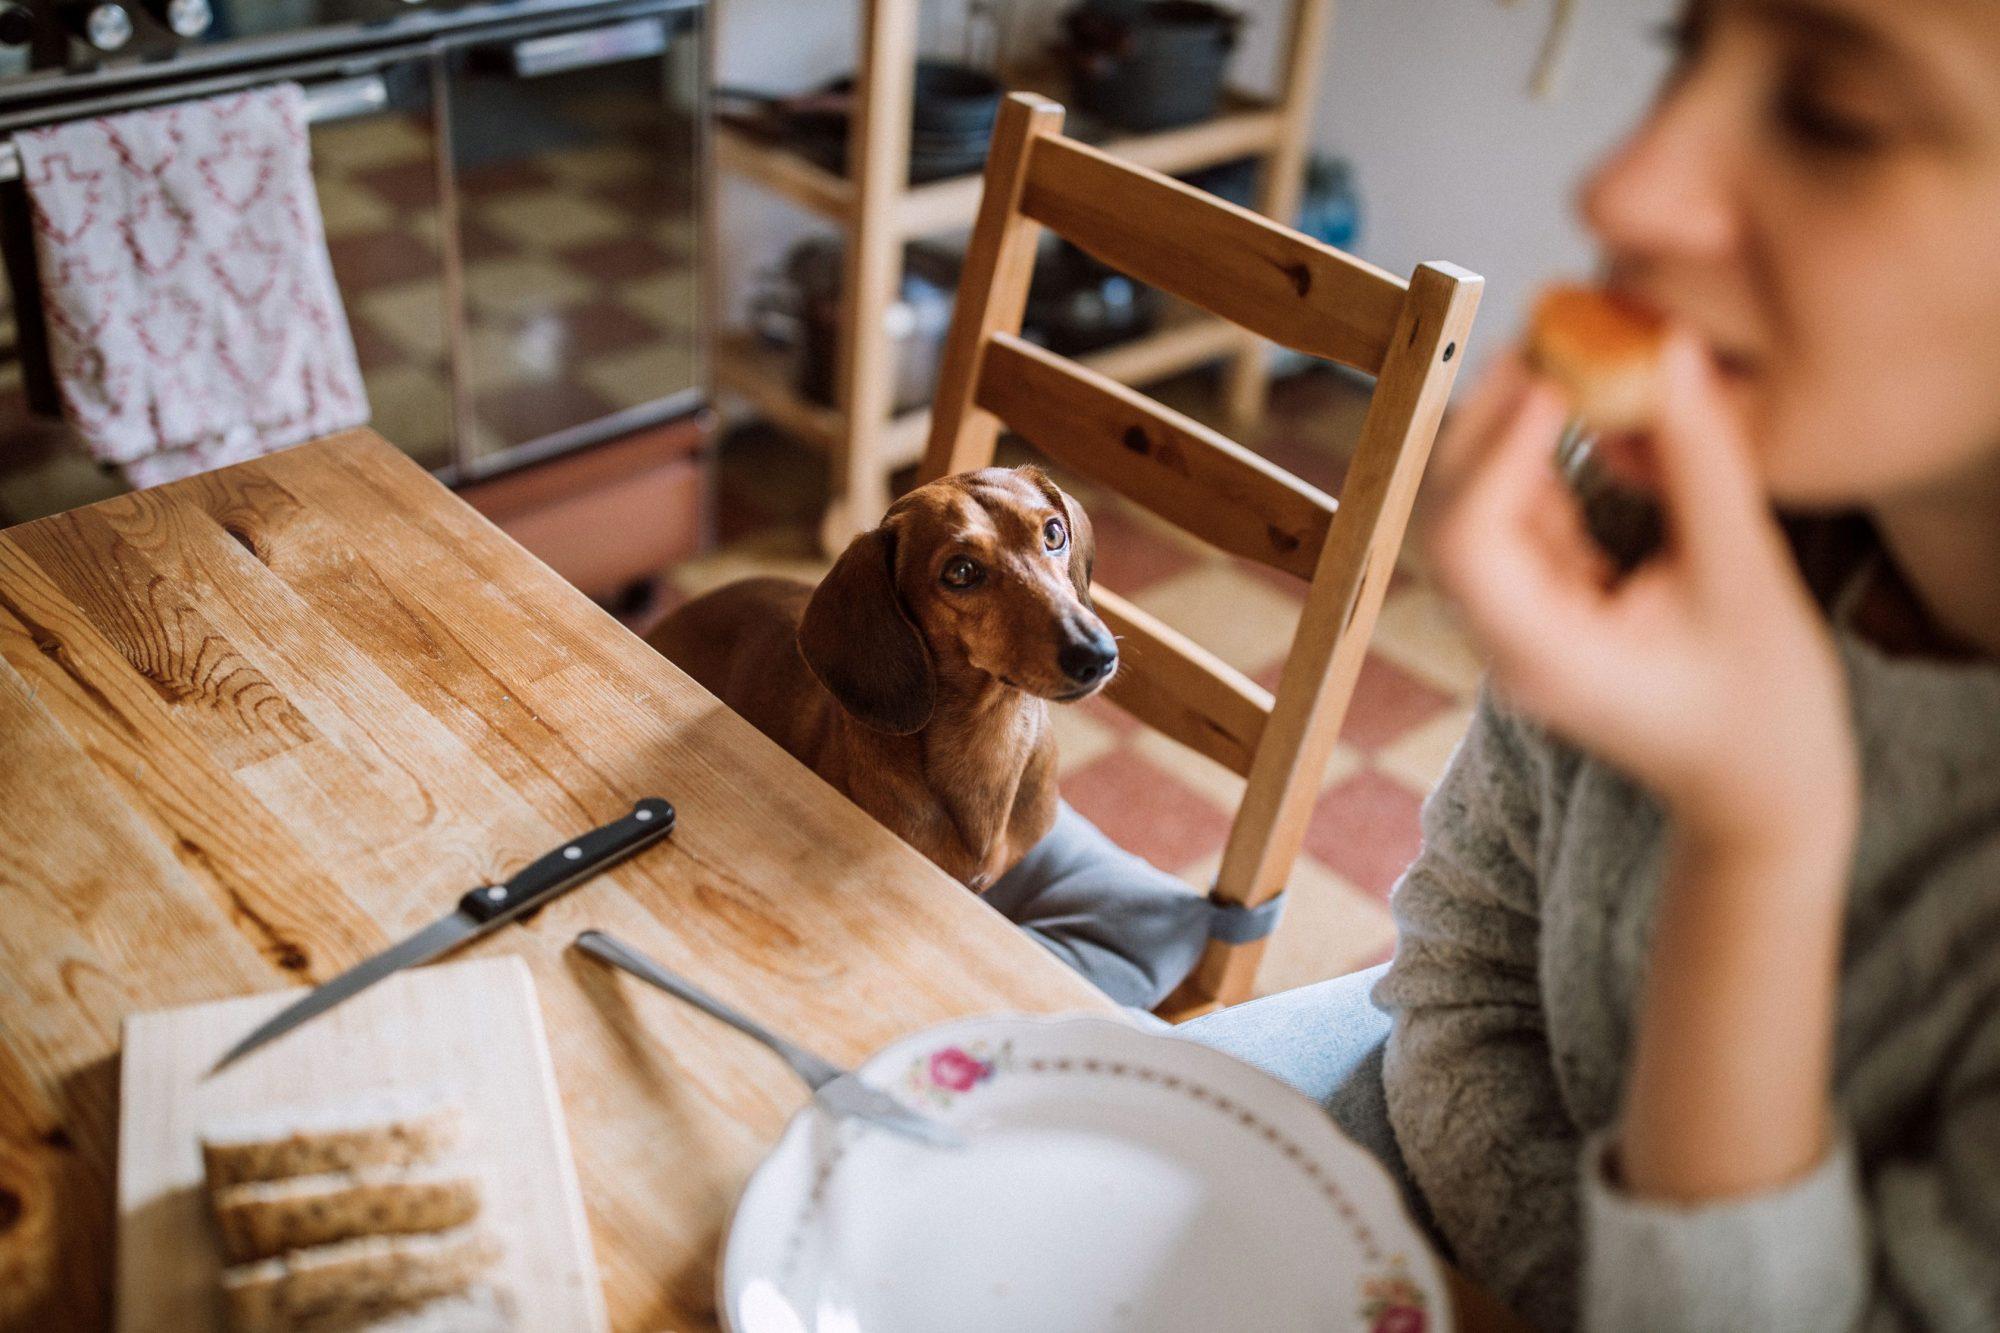 Dog begging for food.